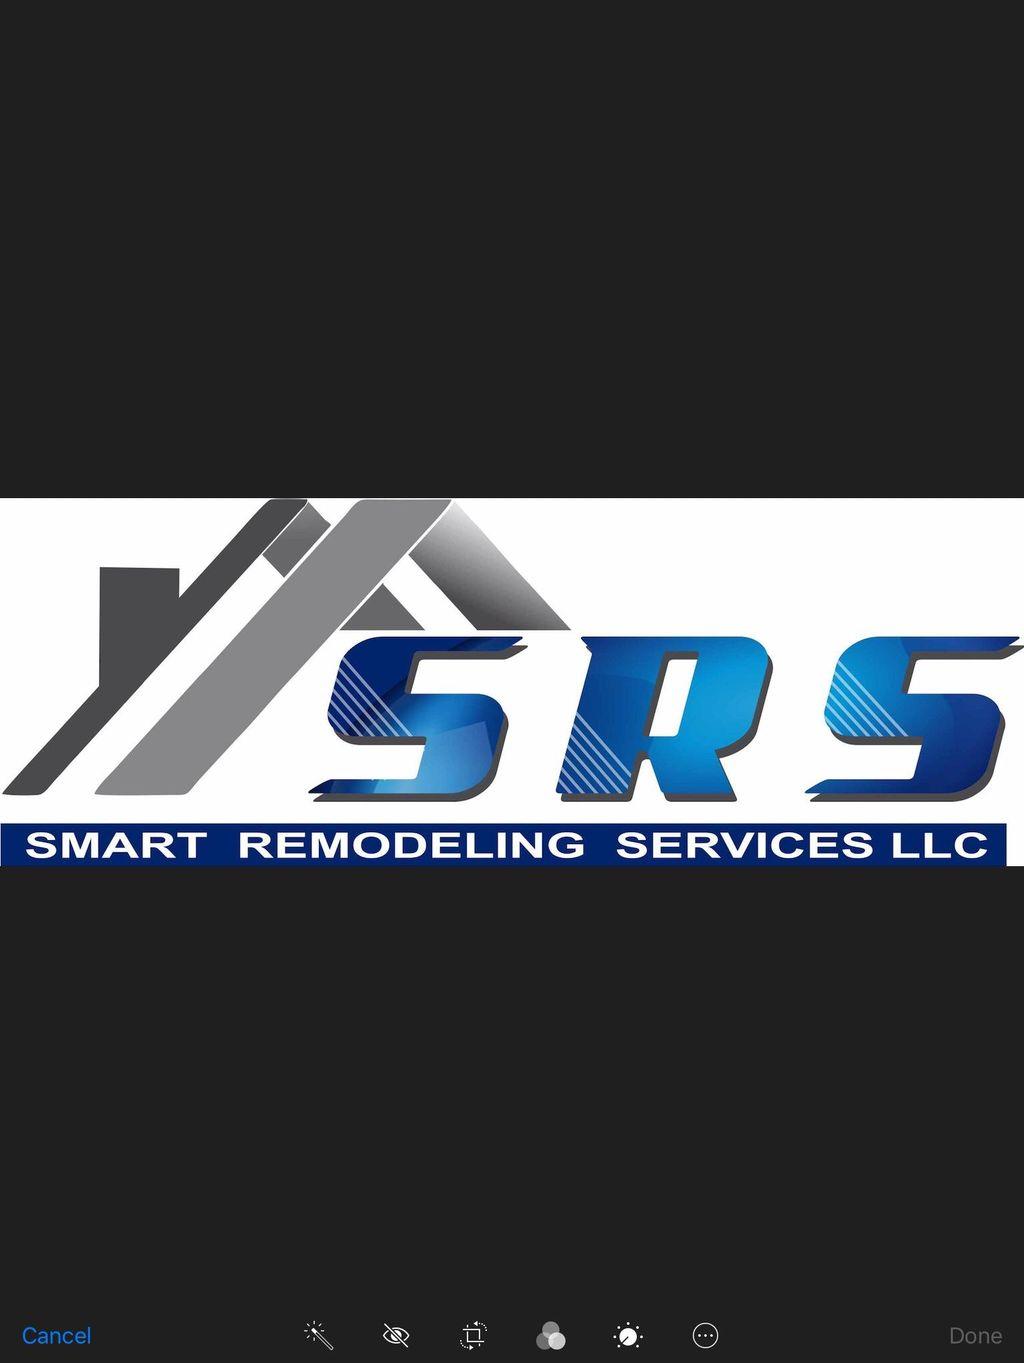 Smart Remodeling Services LLC